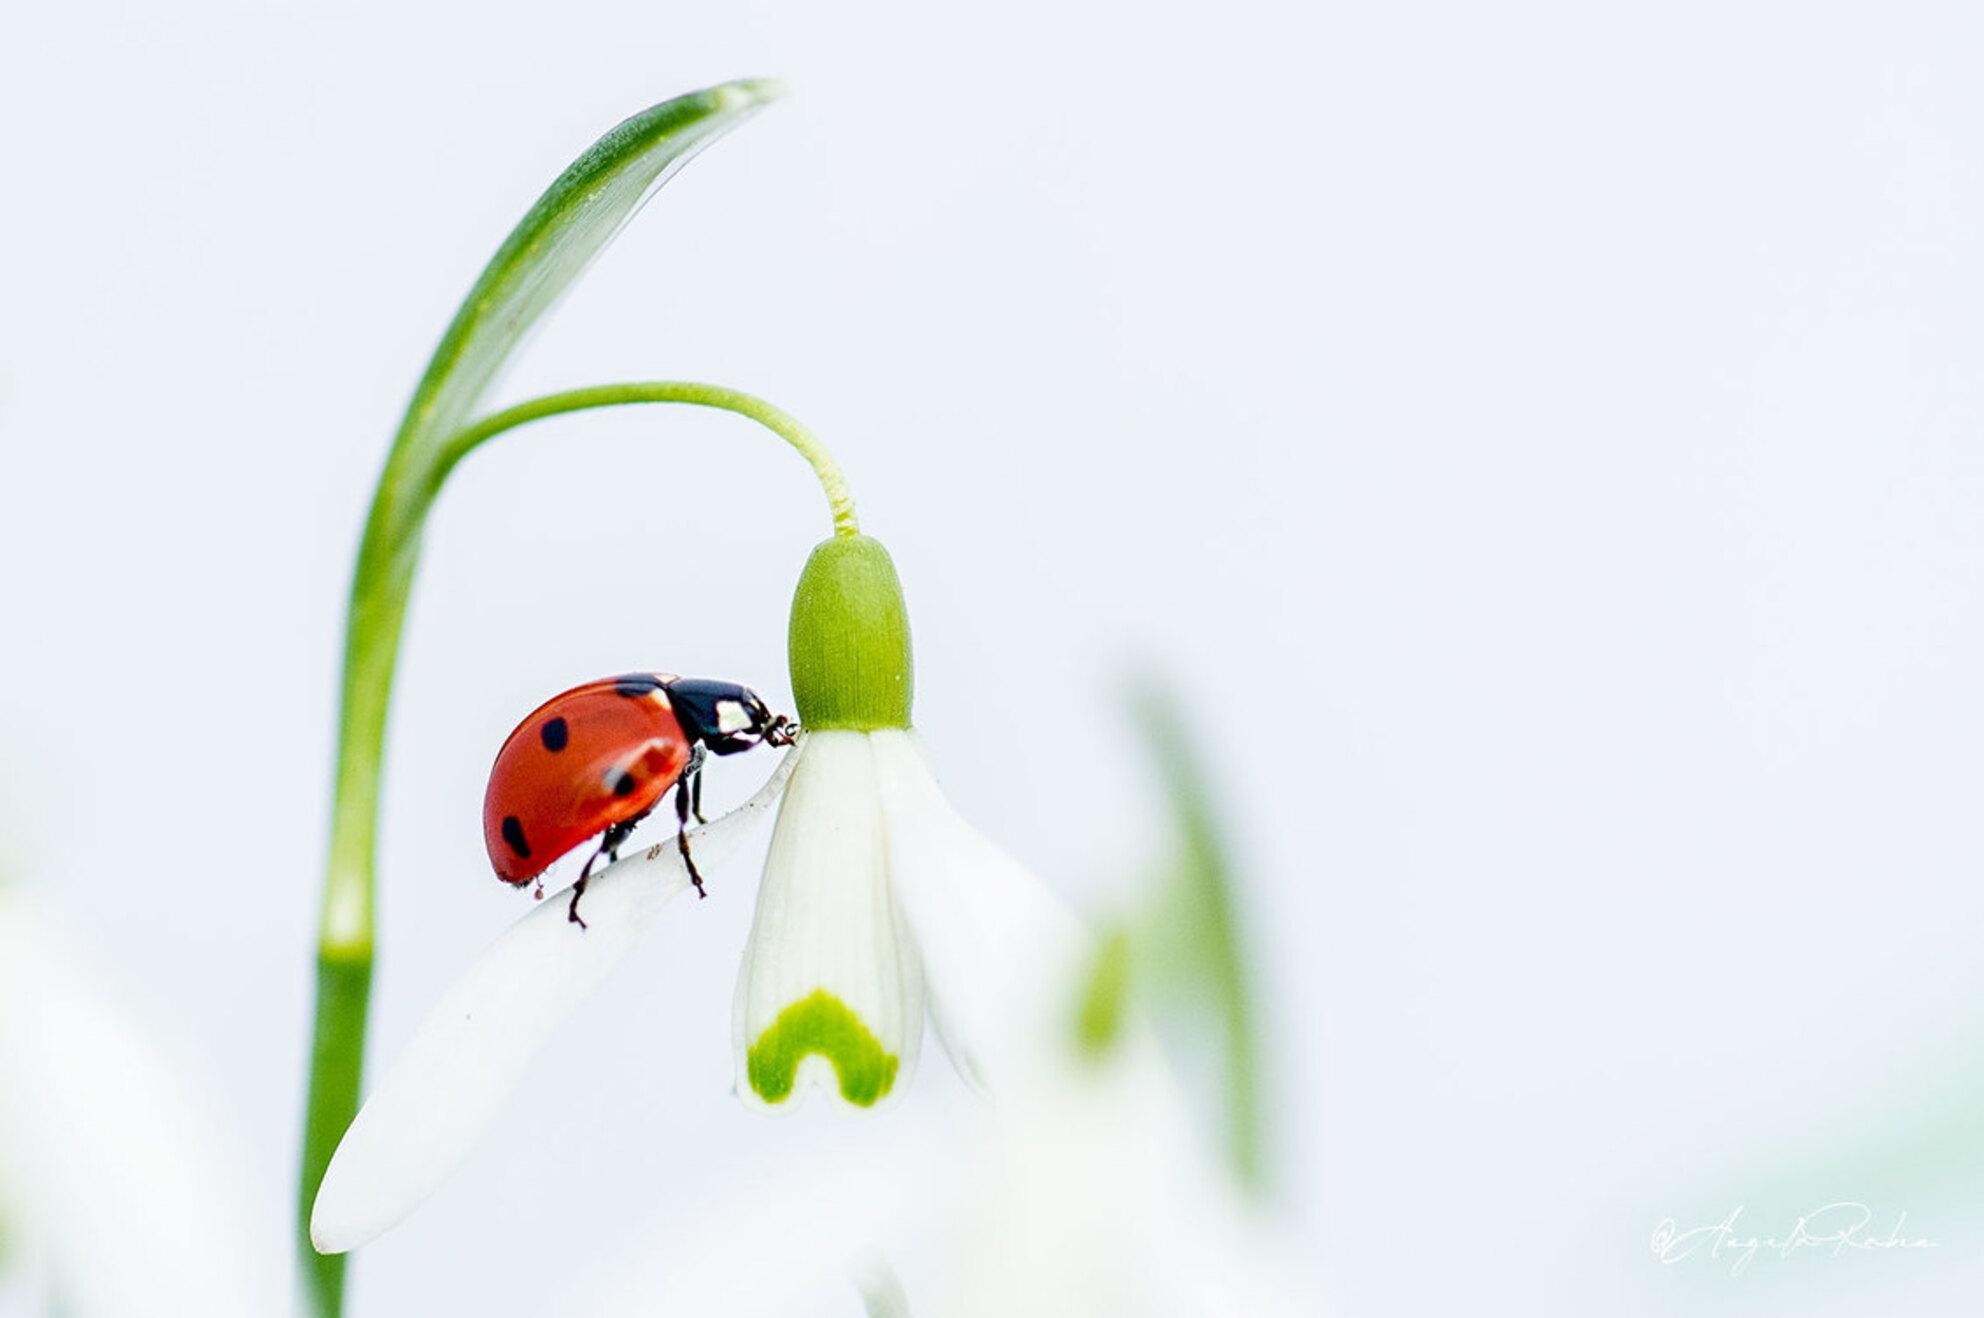 In balance - Lentekriebels - foto door angelartpics op 24-02-2021 - deze foto bevat: lente, natuur, lieveheersbeestje, licht, tuin, voorjaar, sneeuwklokje - Deze foto mag gebruikt worden in een Zoom.nl publicatie